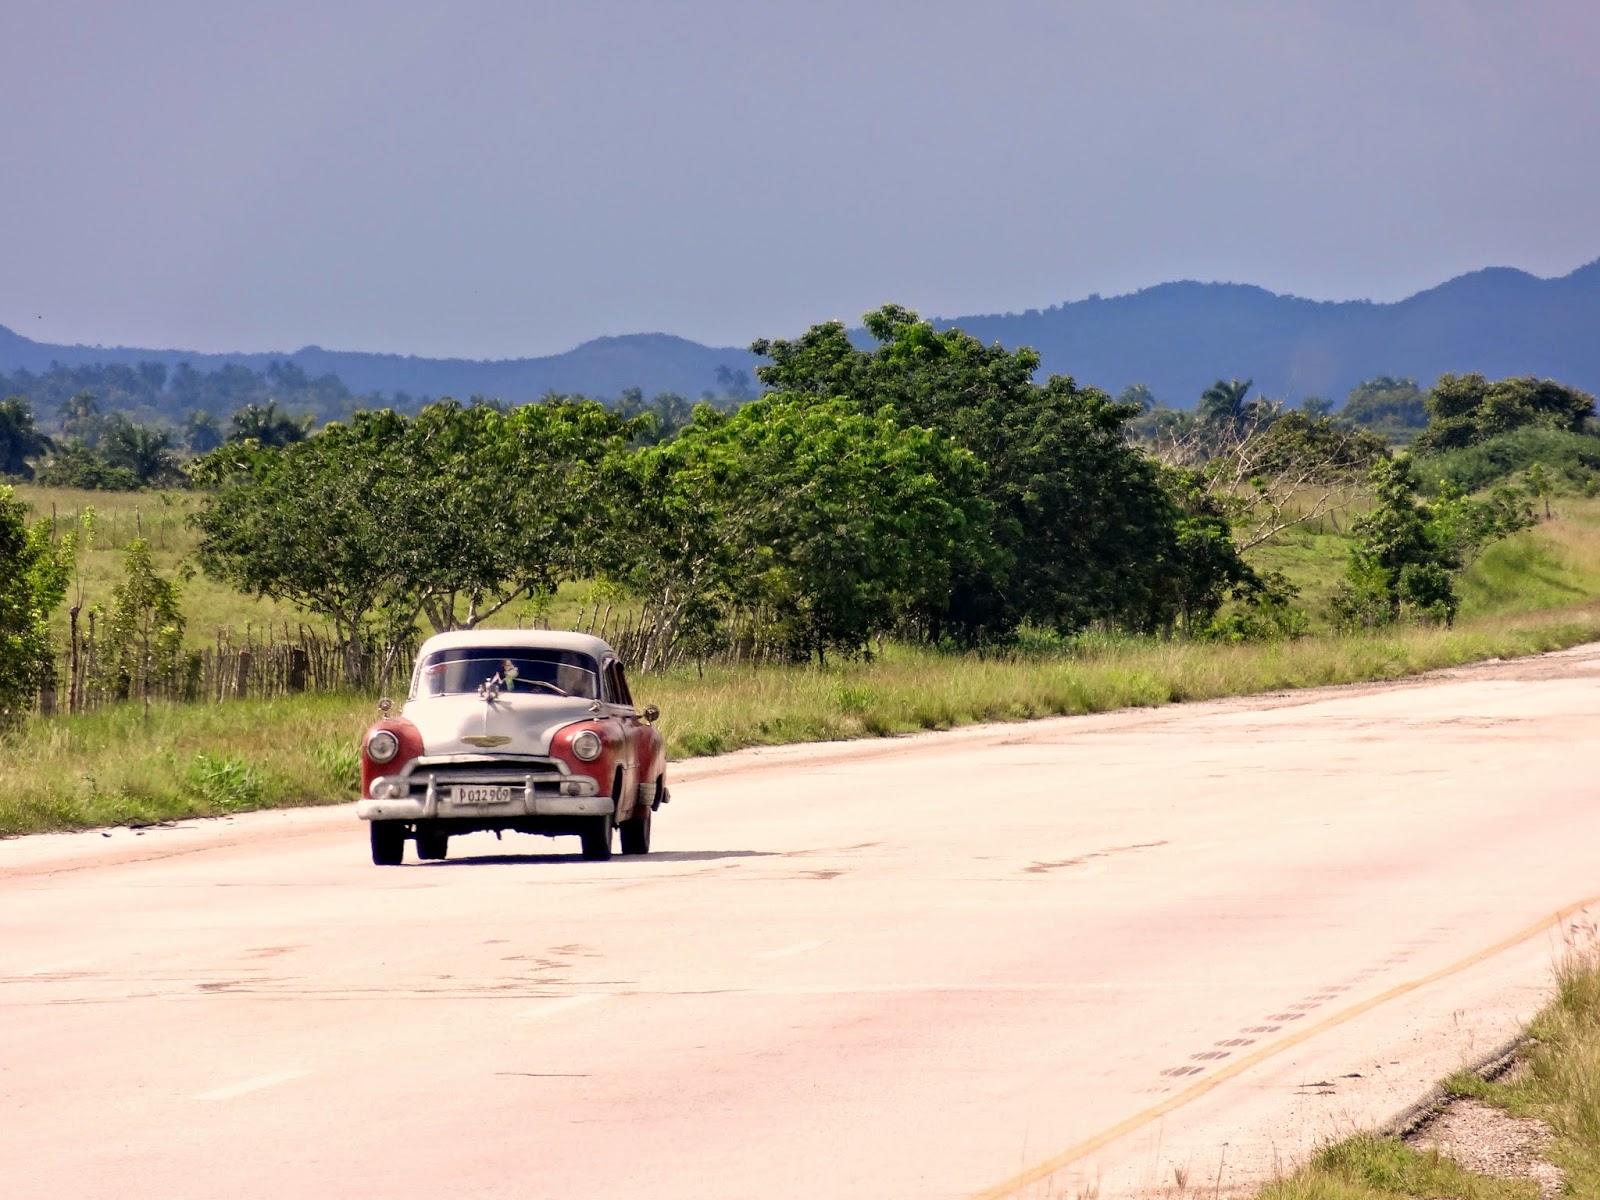 More Cuba Photos